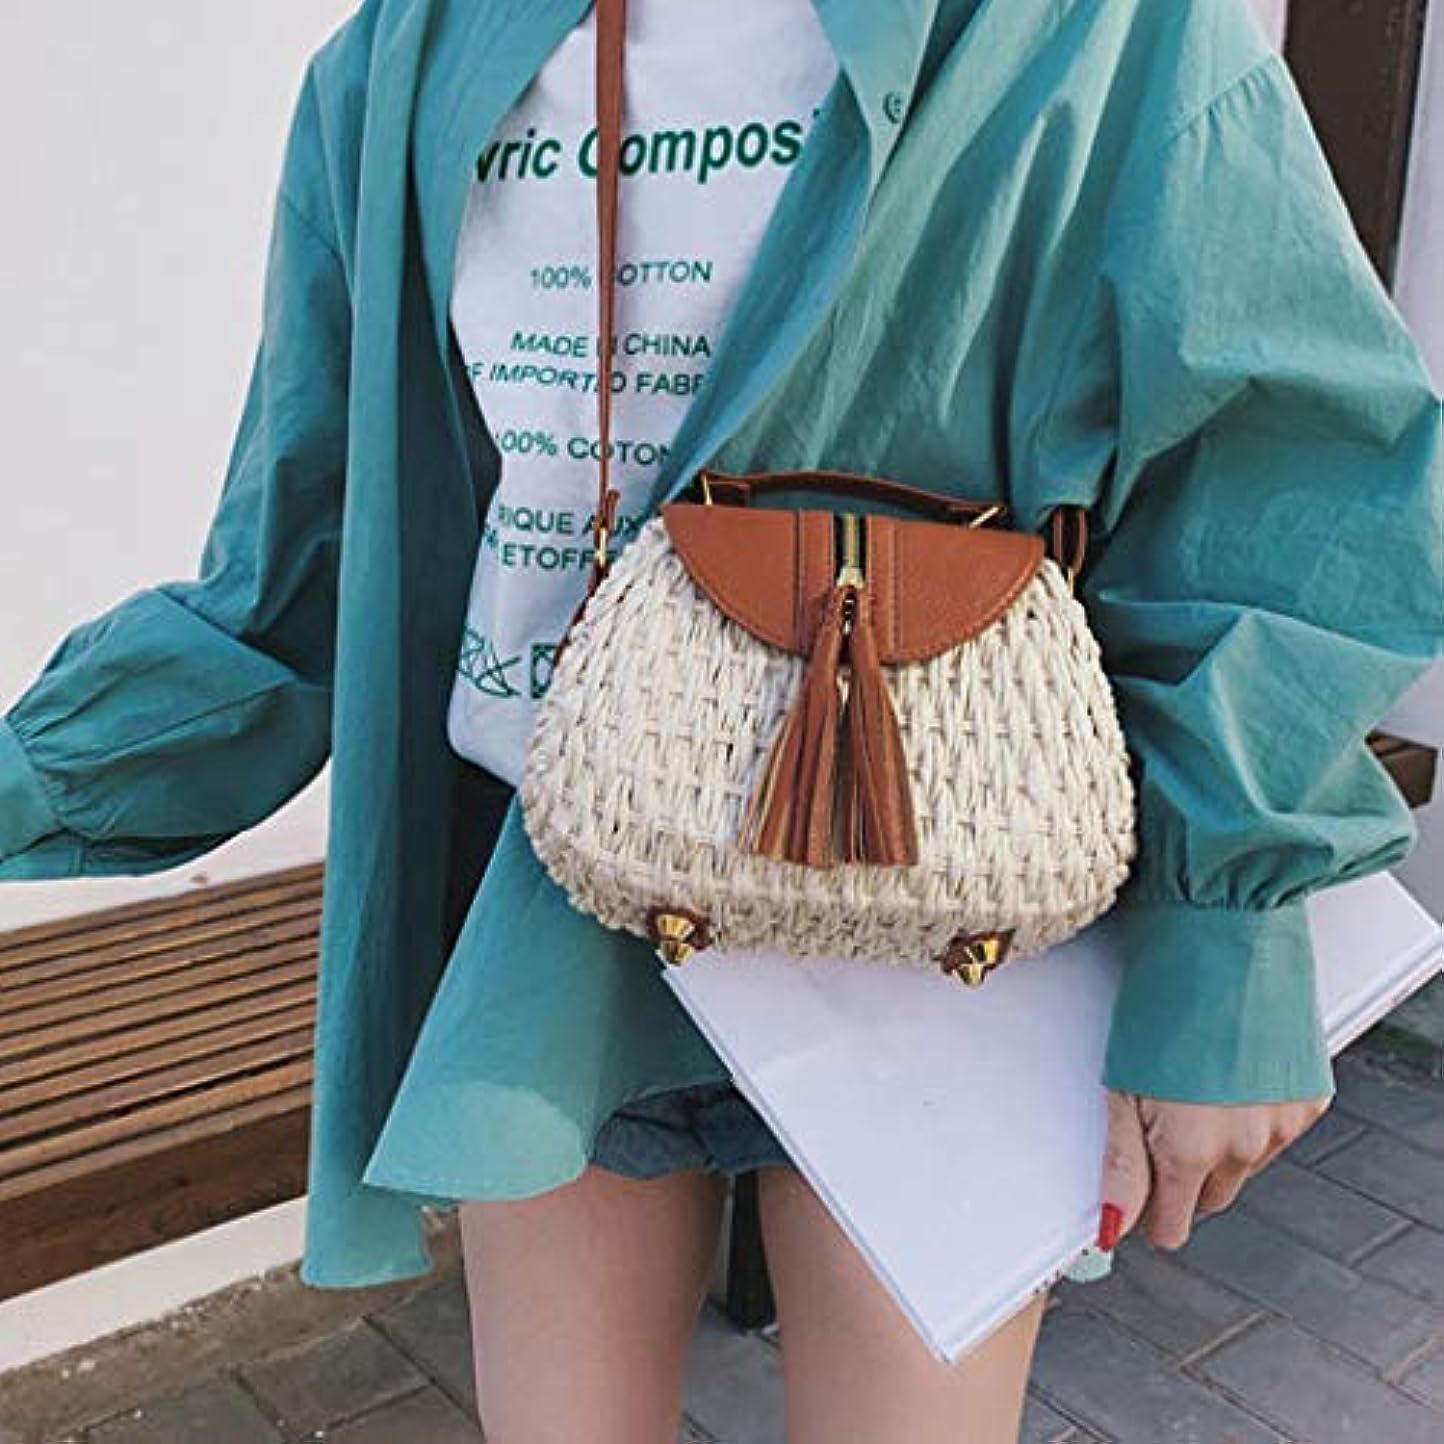 以降最も遠い氷女性の流行のタッセルはショルダー?バッグ、女性浜の余暇のクロスボディ袋を織ります、女性のタッセルは浜様式のメッセンジャー袋を織ります、女性方法対照色のビーチ様式のメッセンジャー袋 (ベージュ)